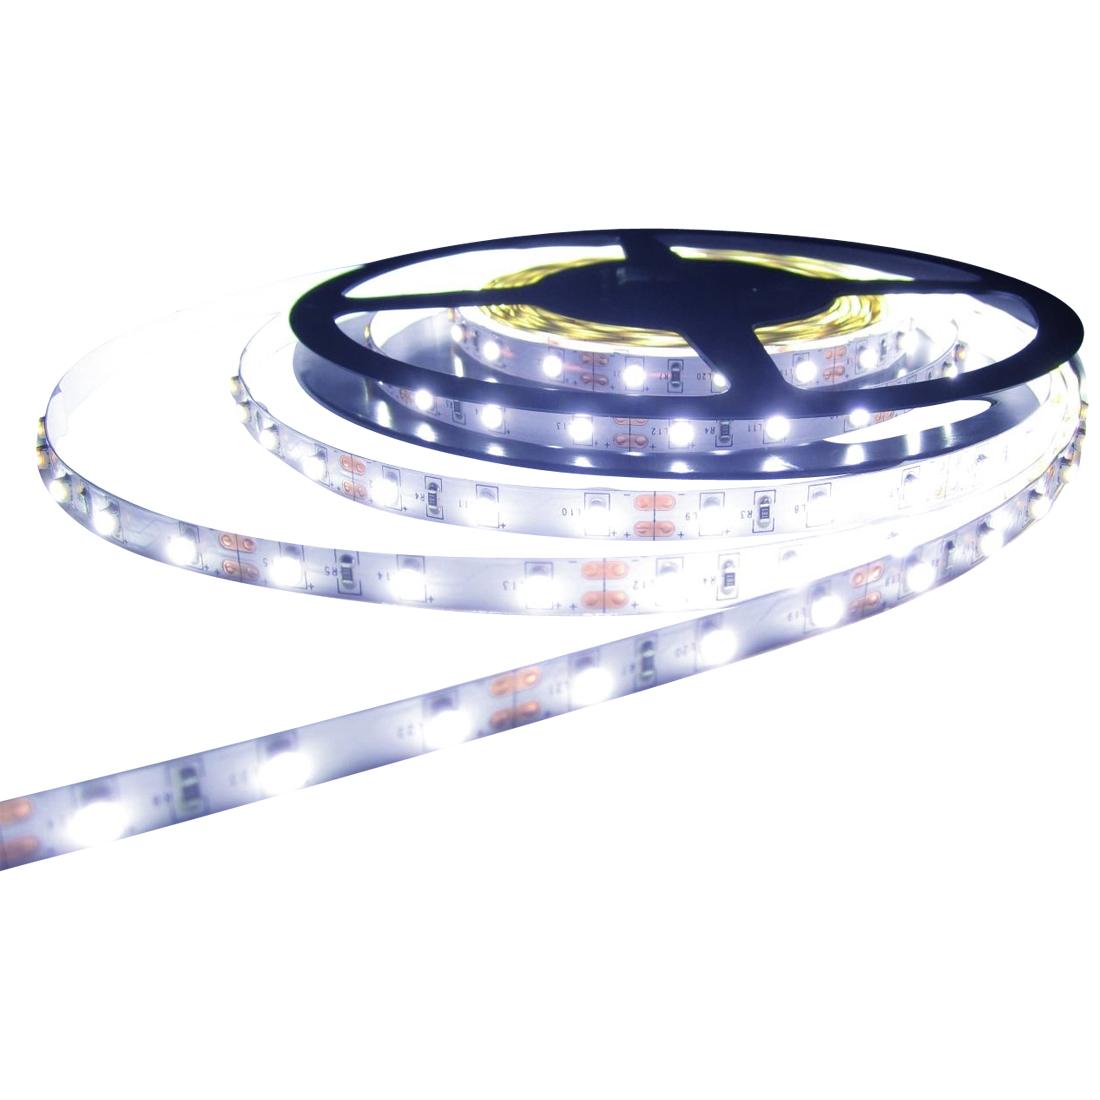 Schnellverbinder mit Kabel für RGB LED Strip 4-polig